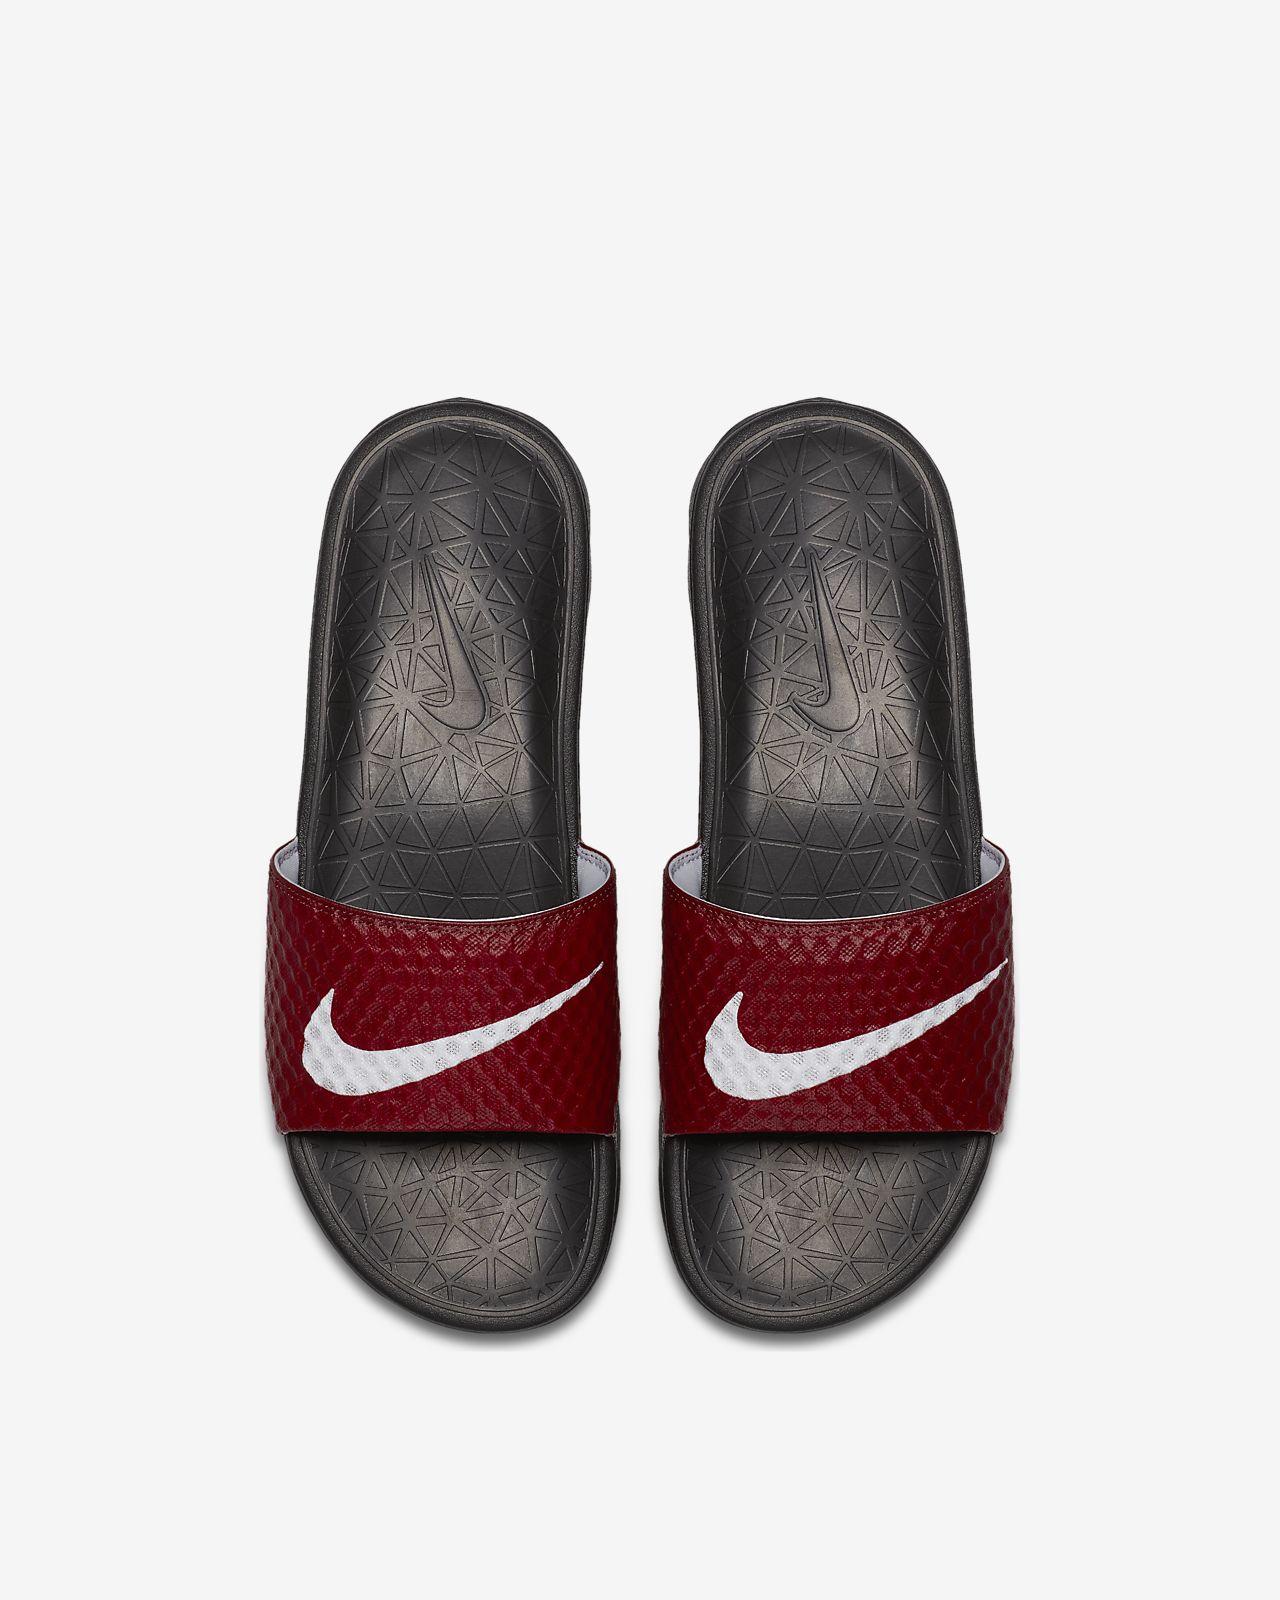 promo code 983ad 93821 Nike Benassi Solarsoft 2 Men's Slide